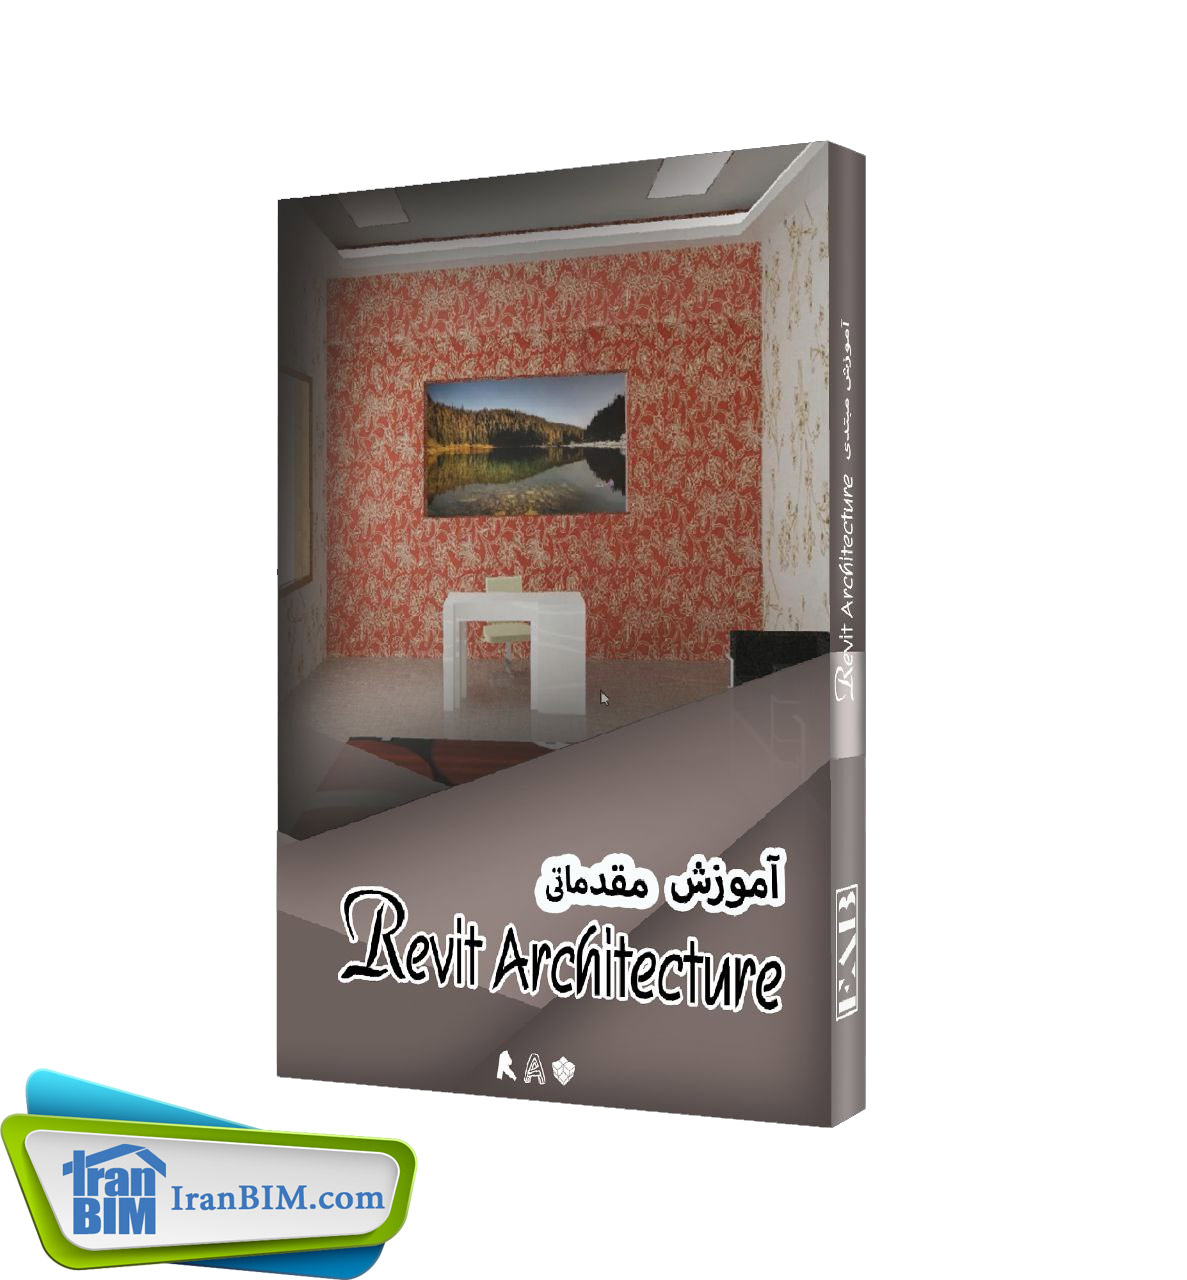 آموزش پایه ای رویت معماری